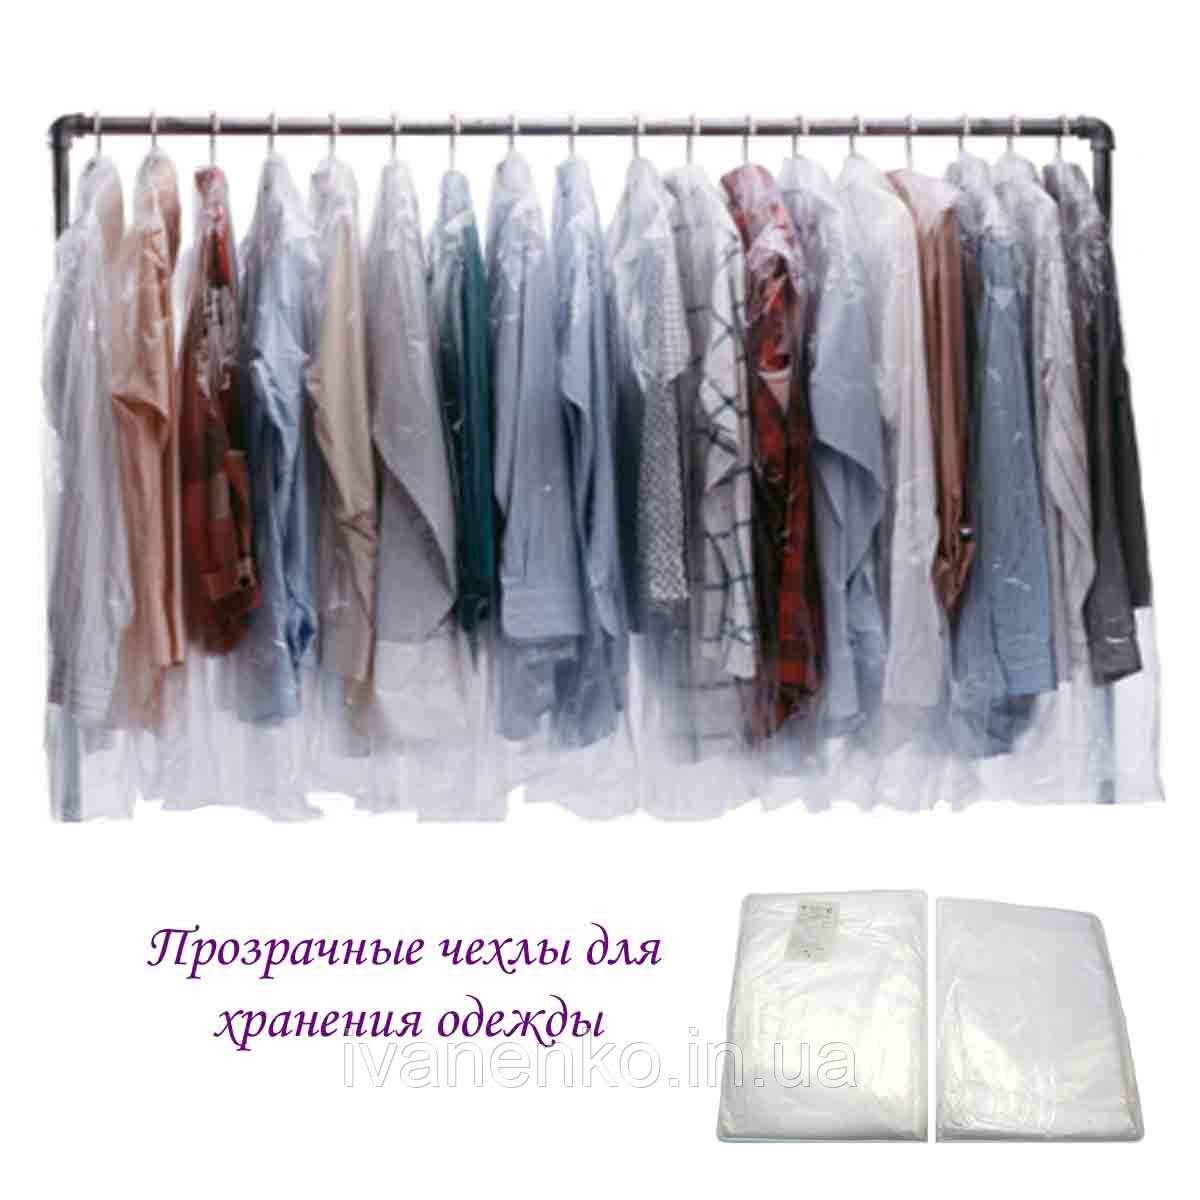 Полиэтиленовые чехлы для хранения одежды 650/1000 мм., фото 1